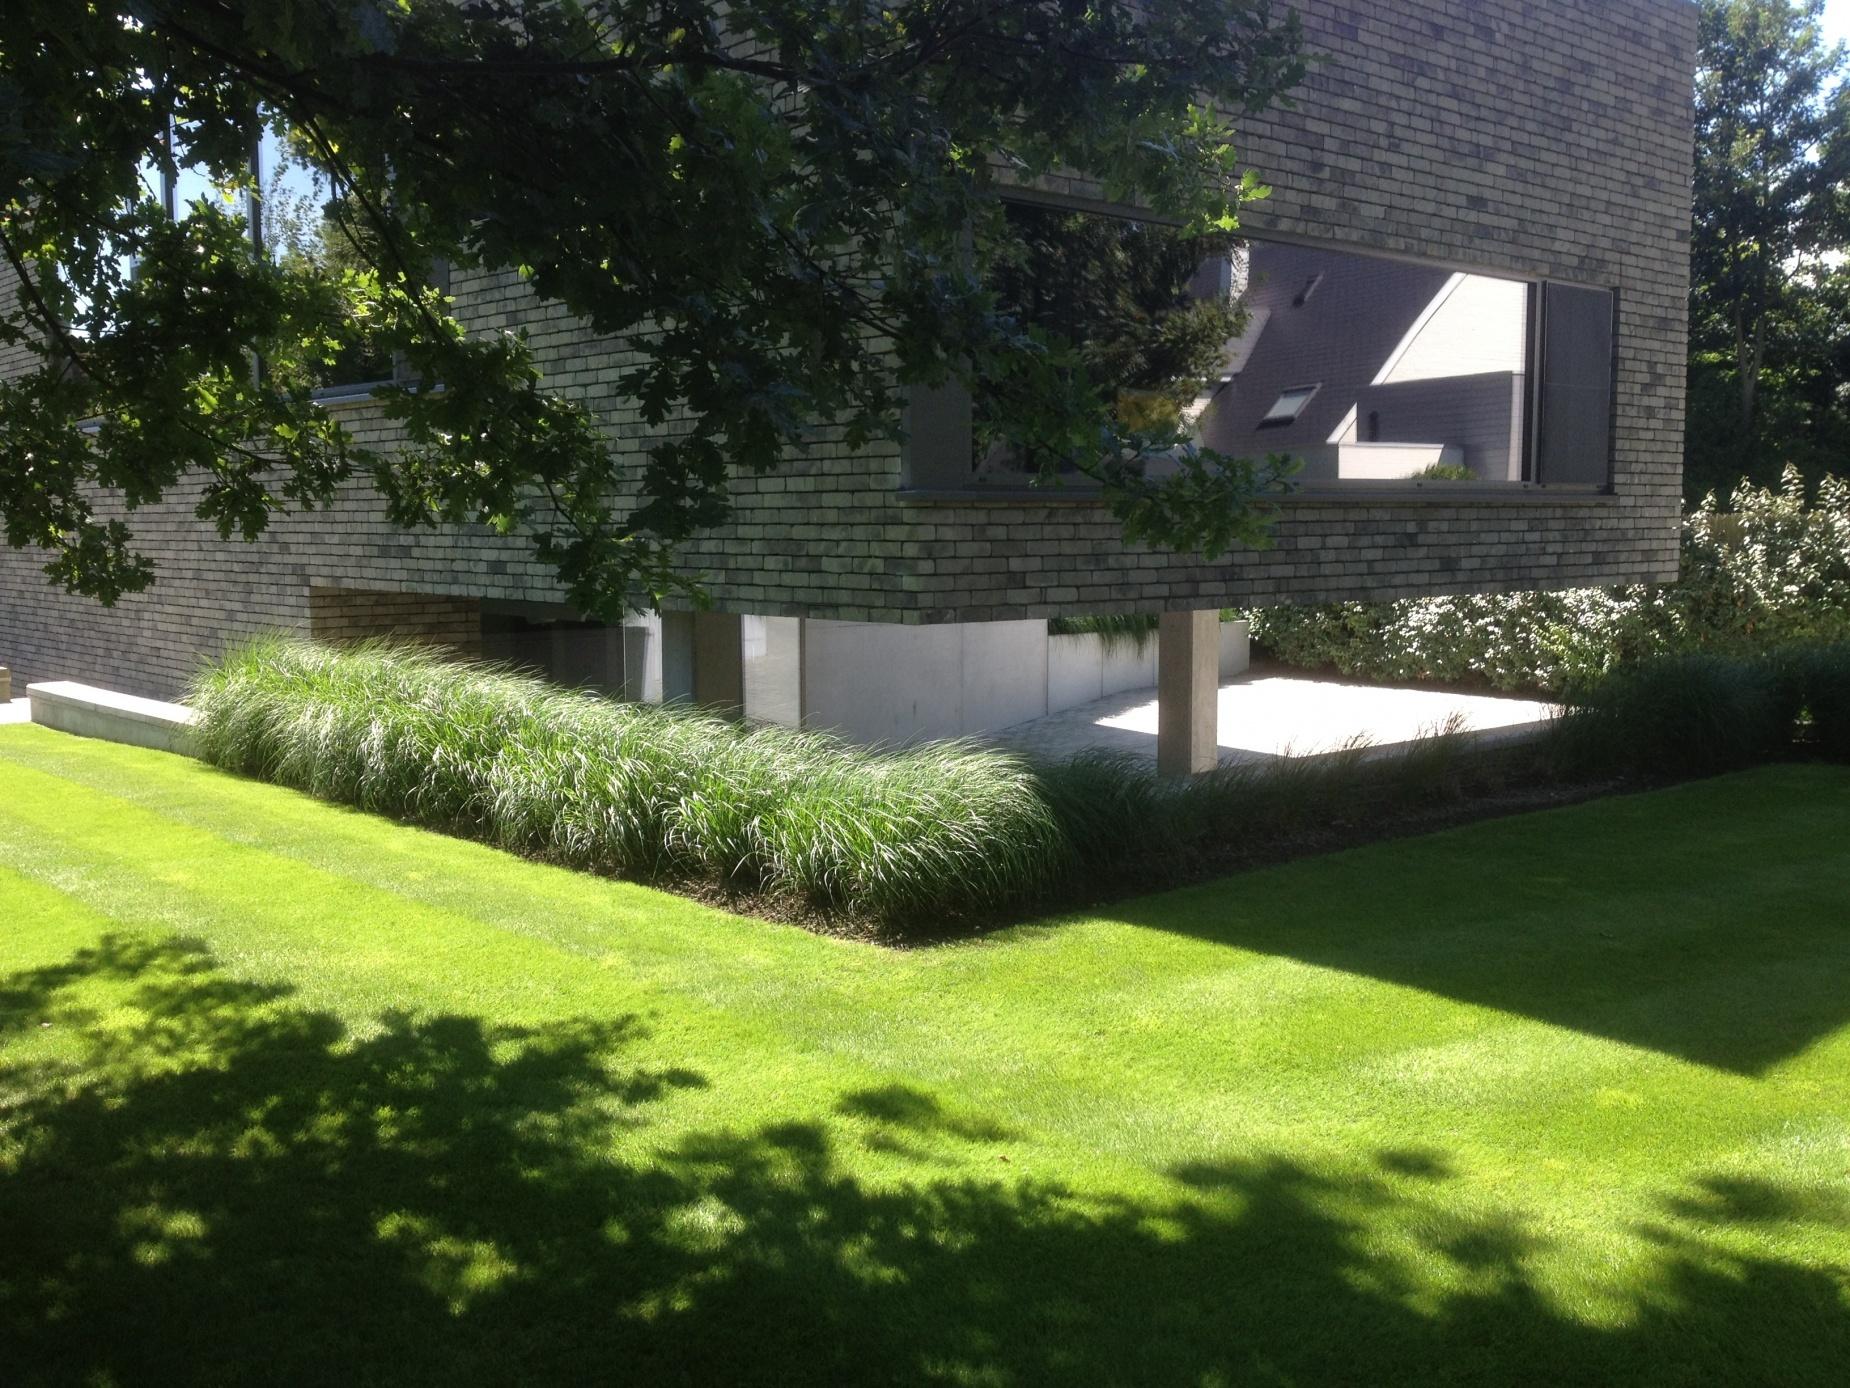 Strakke tuinen met siergrassen op48 belbin info for Strakke tuinen met siergrassen